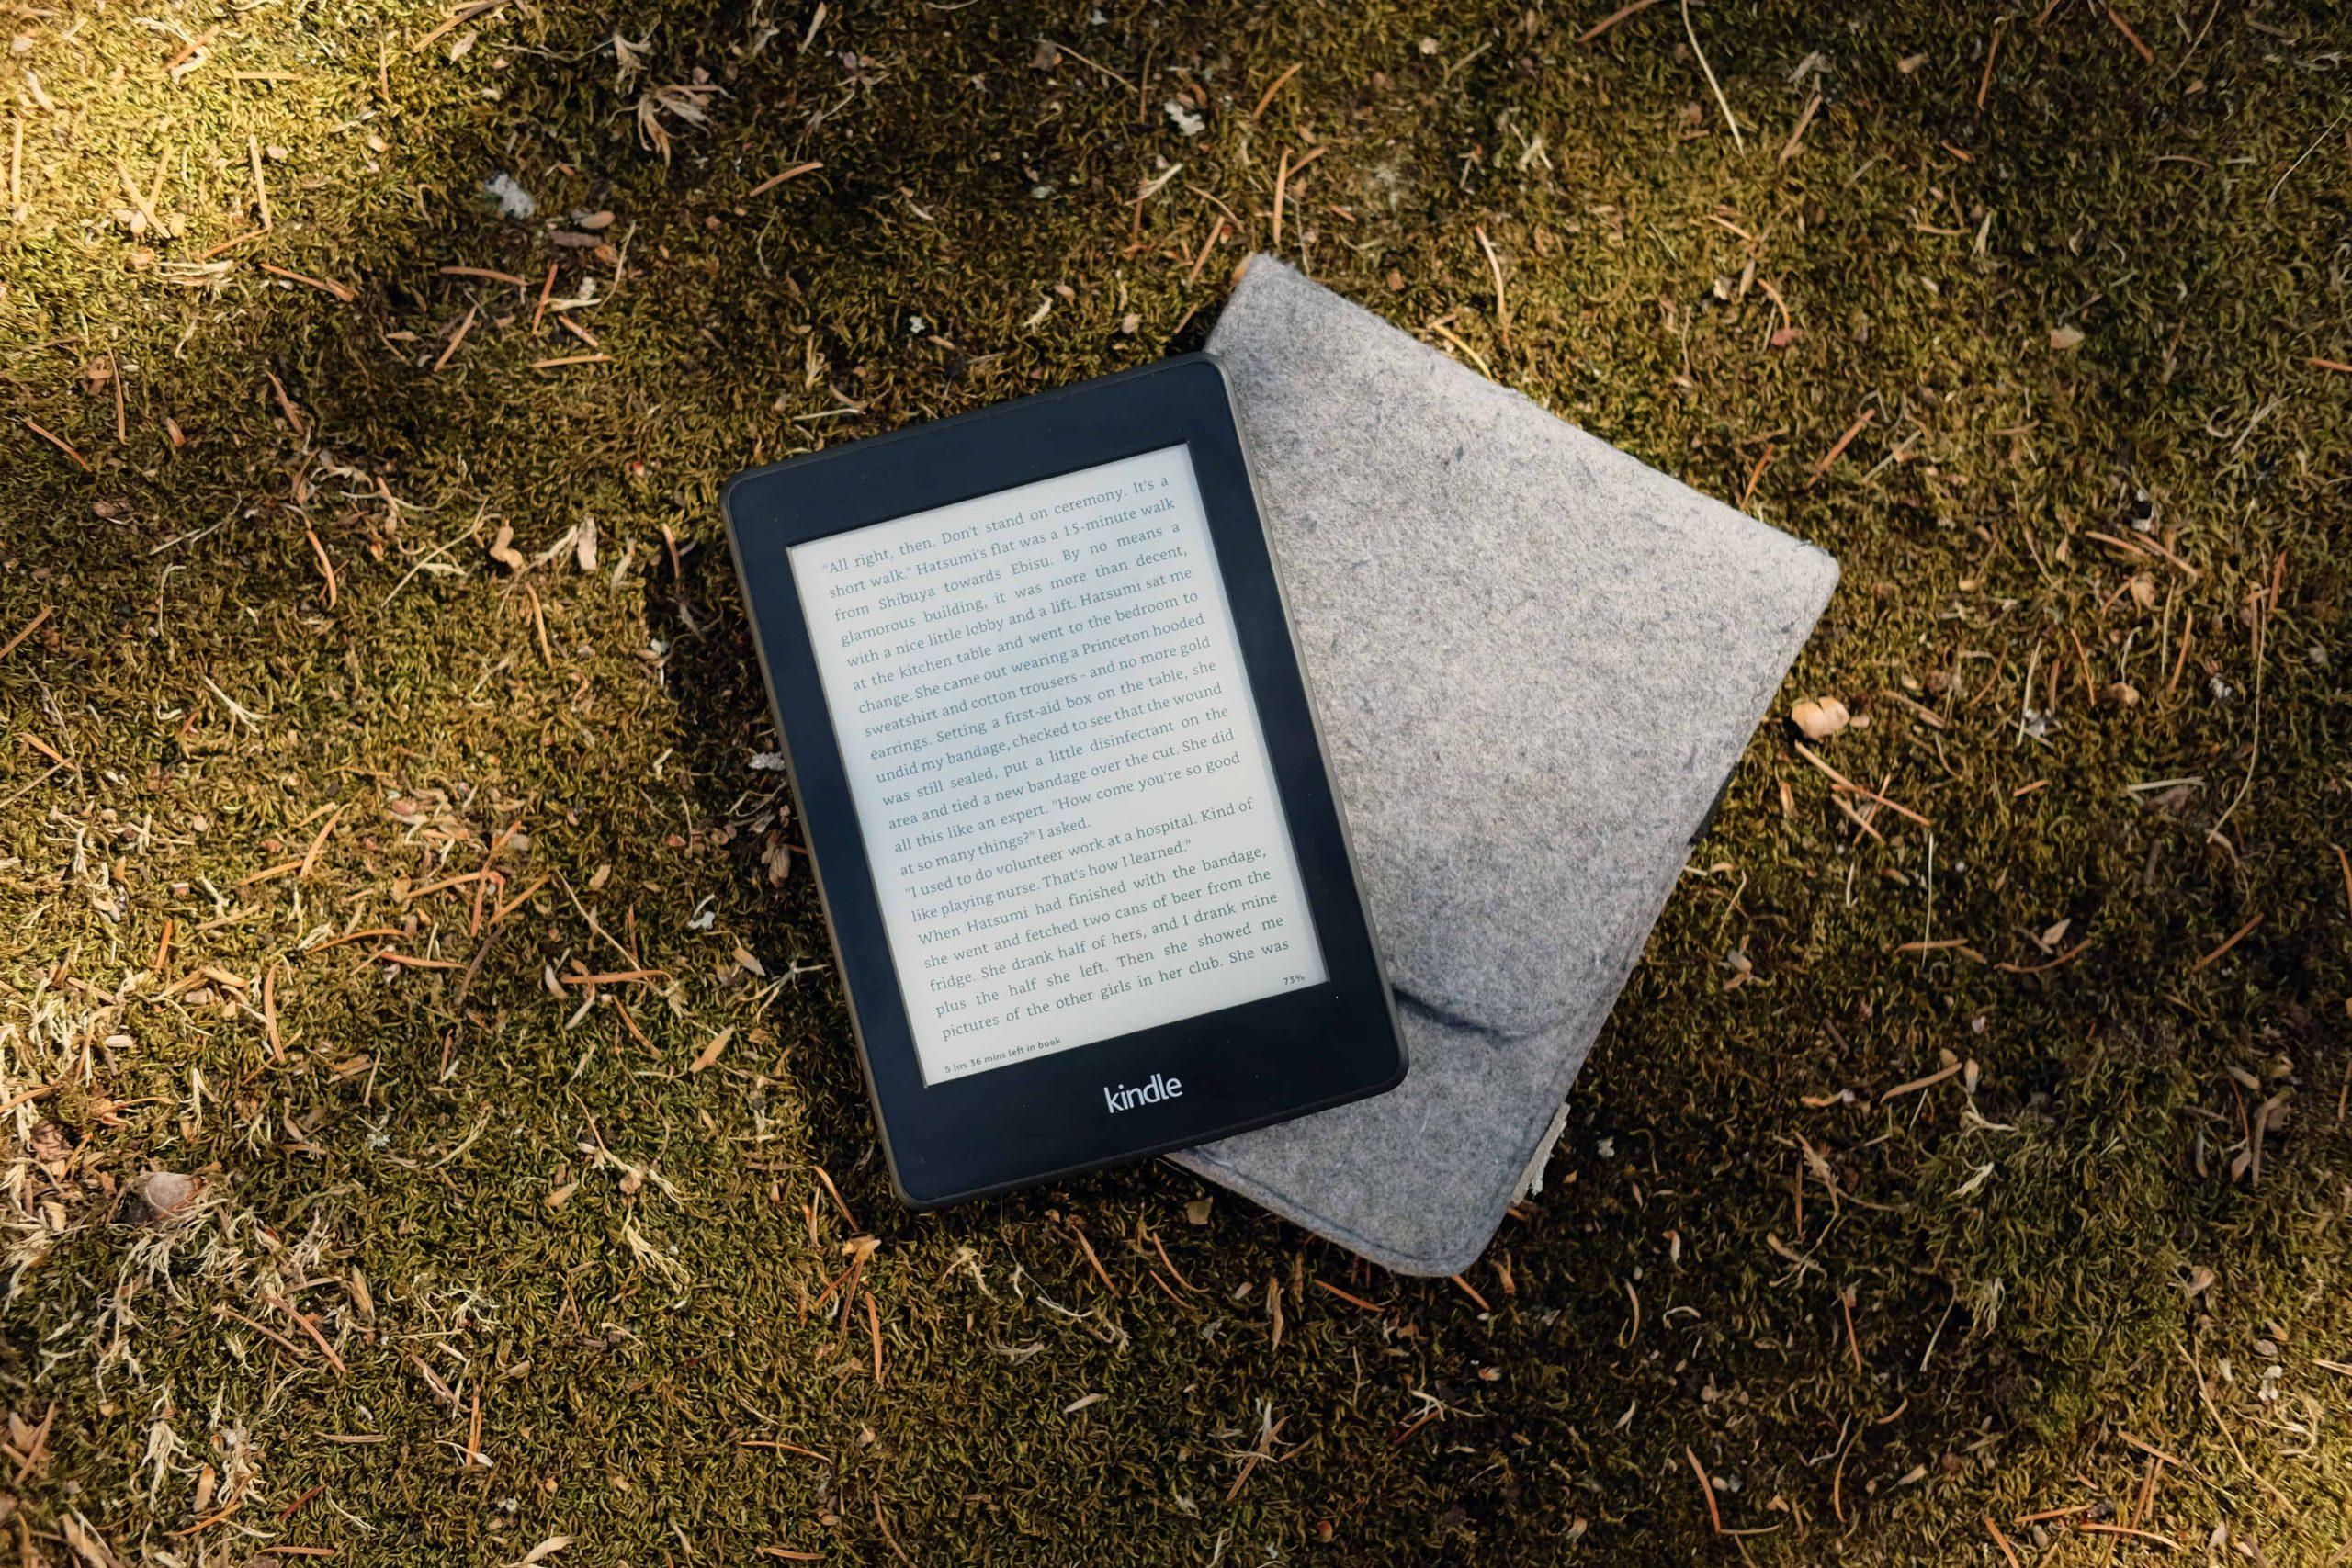 E-Book Reader Hülle: Test & Empfehlungen (07/20)